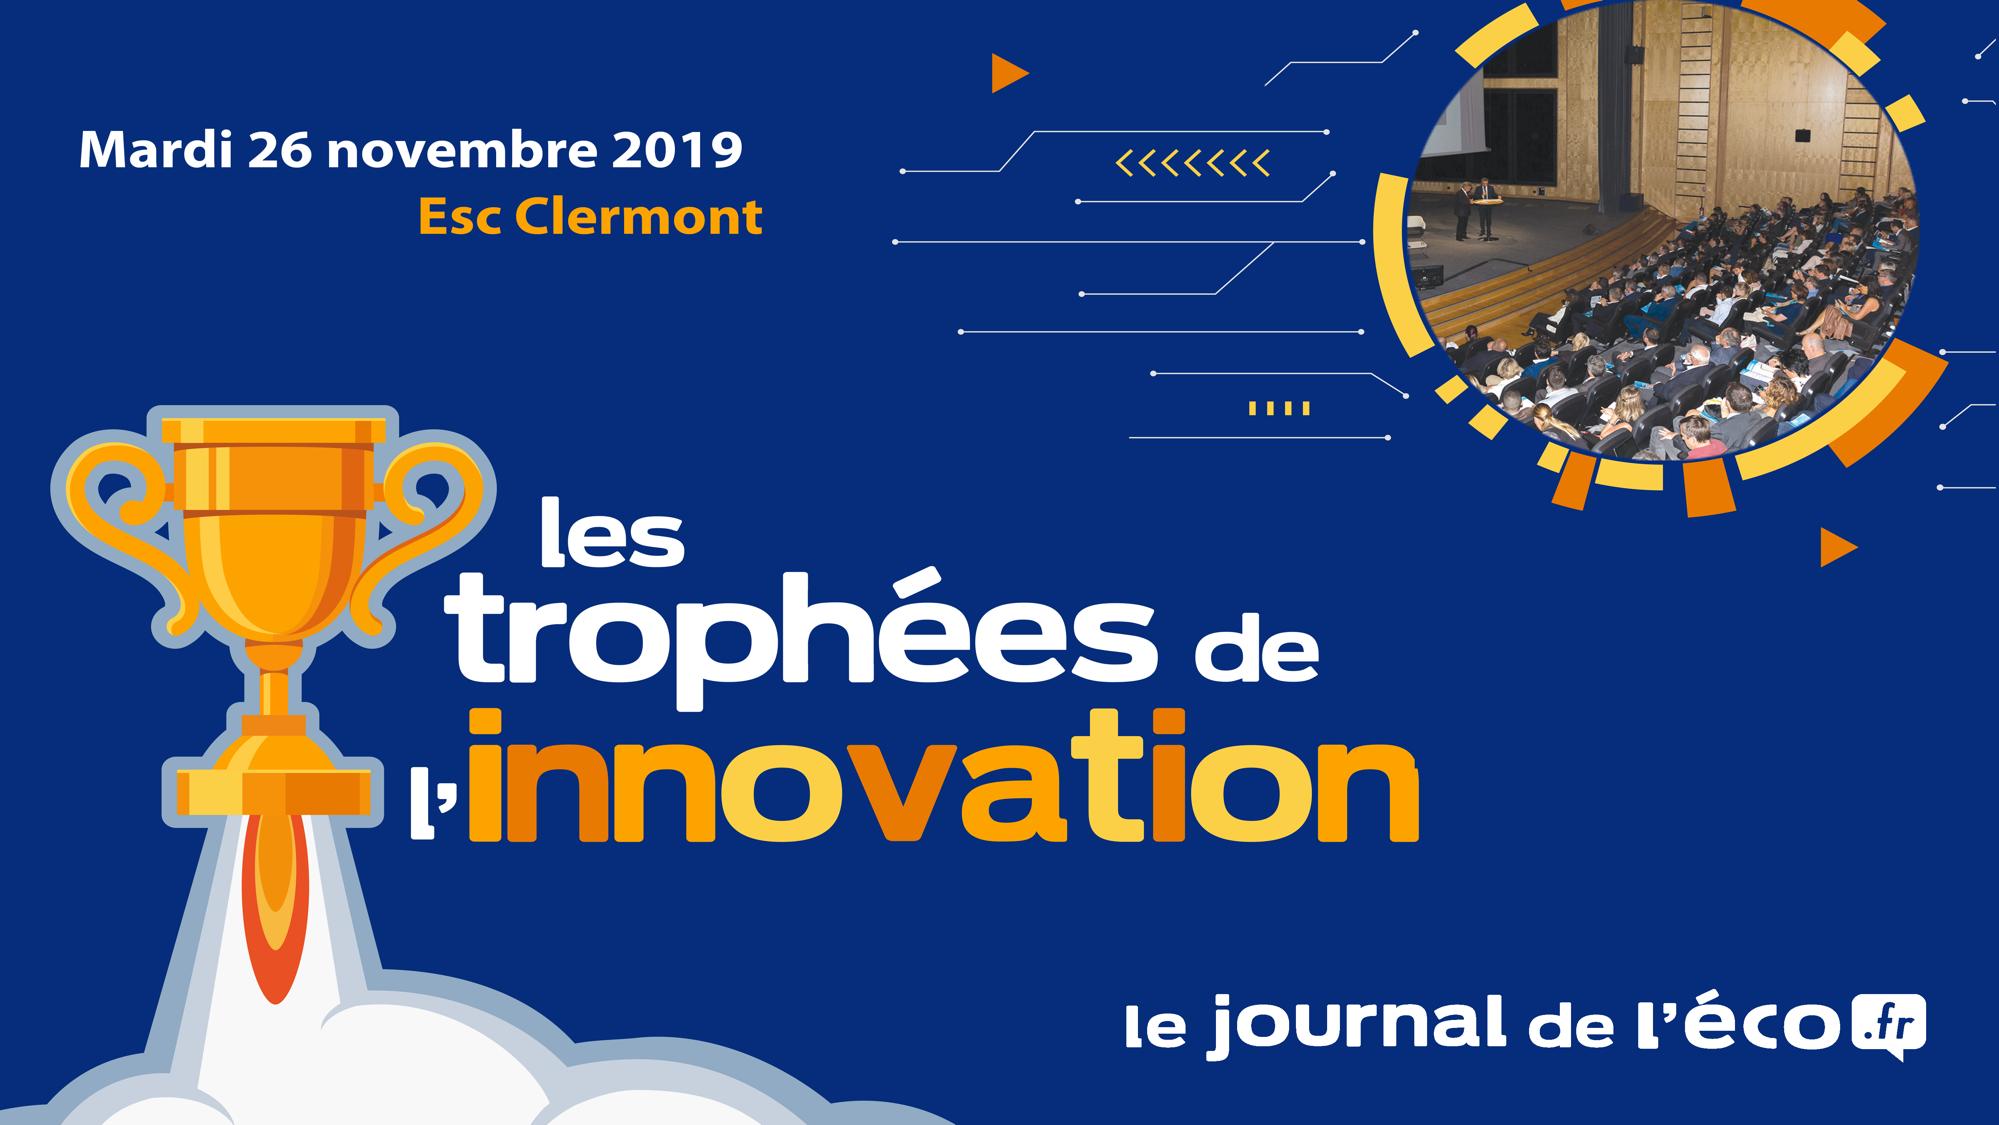 Les Trophées de l'Innovation @ Ecole Supérieure de Commerce de Clermont